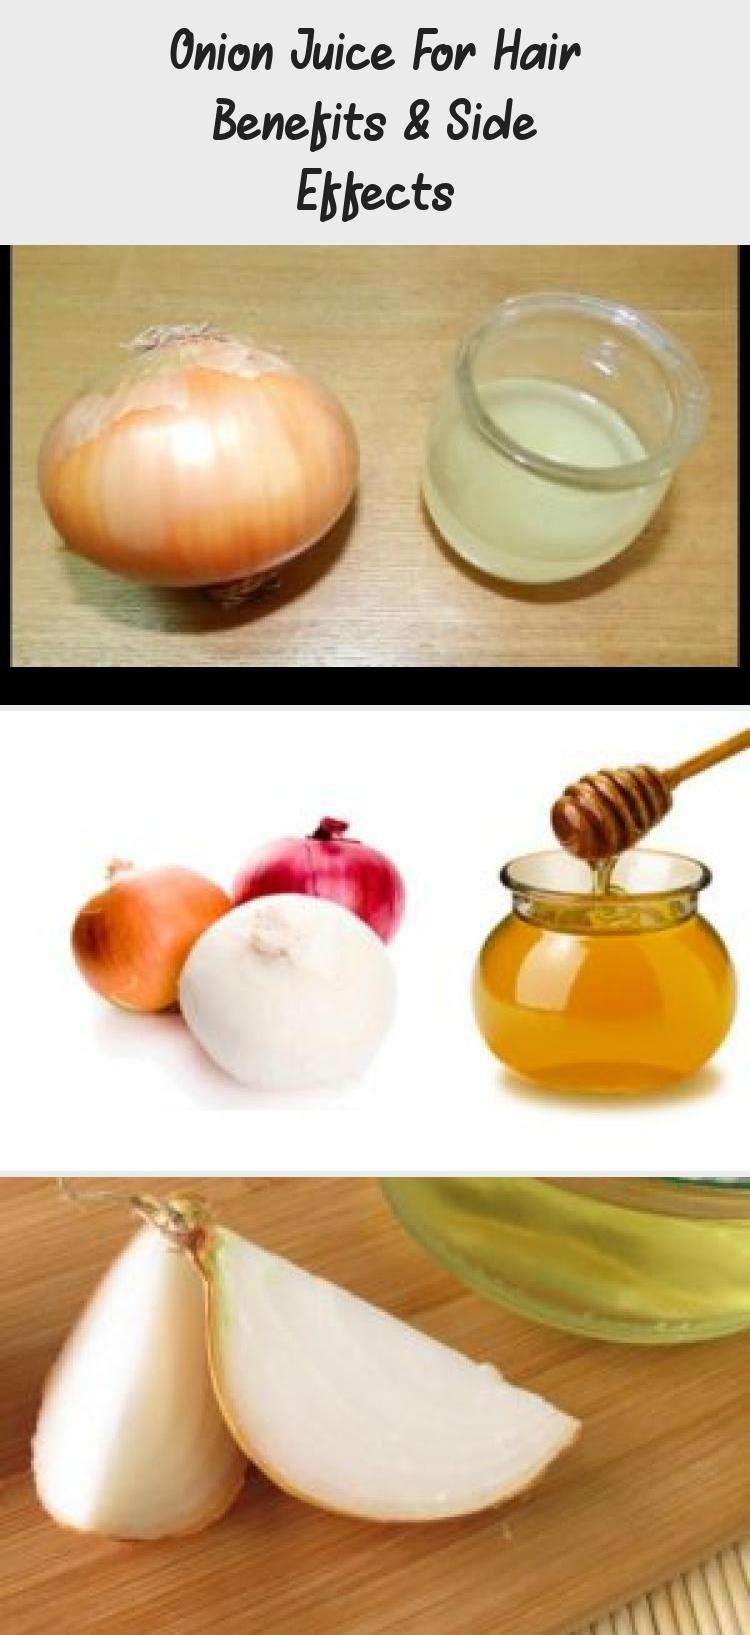 Vitamins for Hair Growth} and How to make onion juice for Hair Growth. #kacy #kacyworld #kacyblog #hairgrowth #haircare #hairgrowthLength #Newhairgrowth #Biotinhairgrowth #hairgrowthRemedies #hairgrowthProgress